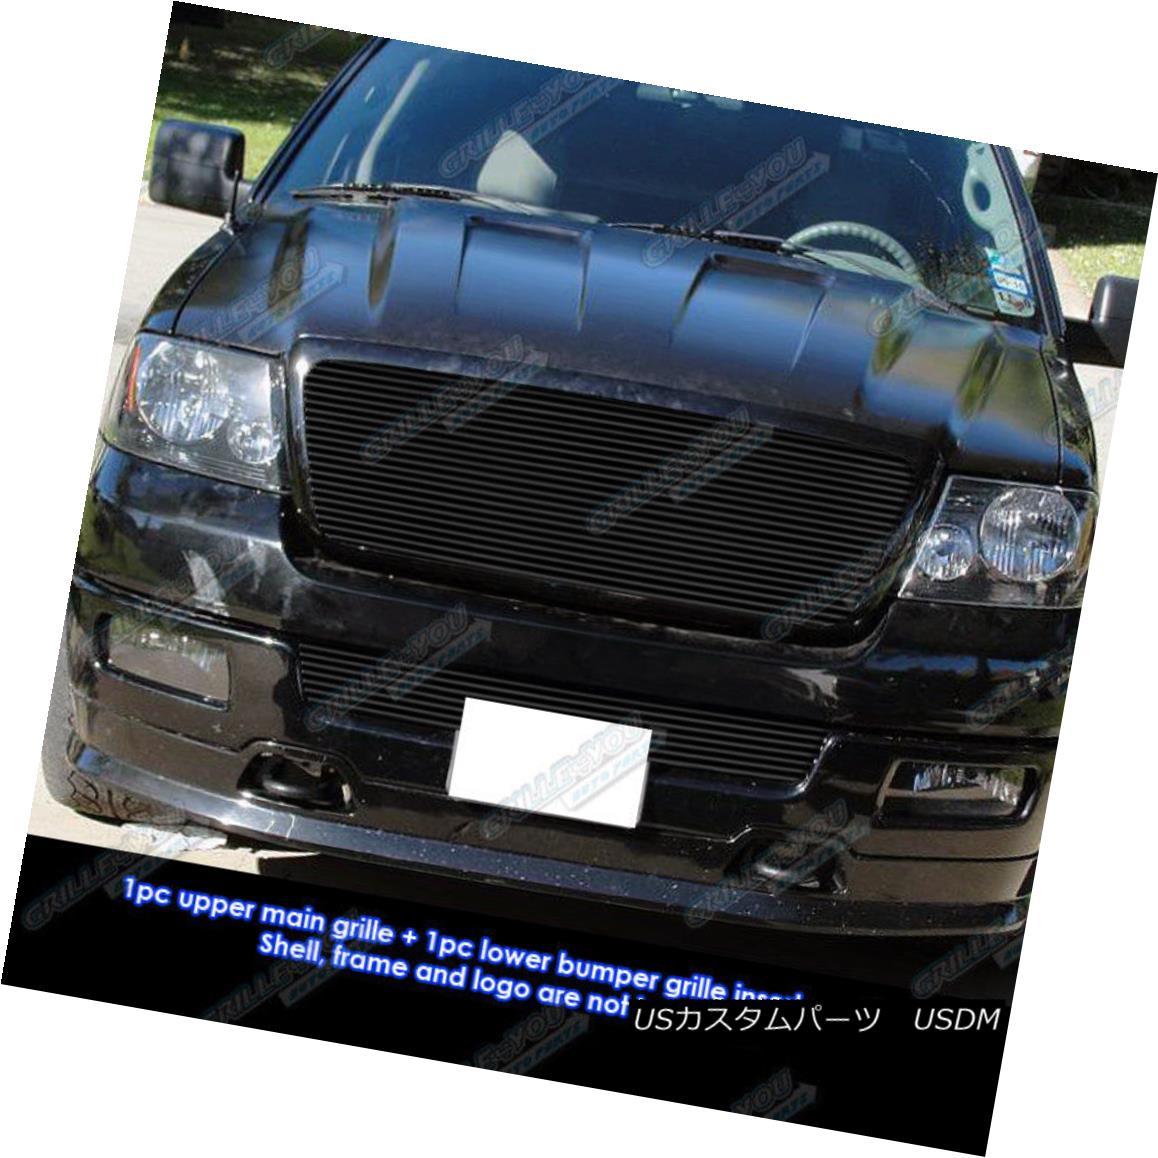 グリル All - Fits 2004-2005 Ford F-150 All Model Black Billet グリル Grille Insert Combo フィット2004-2005フォードF - 150全モデルブラックビレットグリルインサートコンボ, 葉山セレクト-Innocence:4bb91212 --- knbufm.com